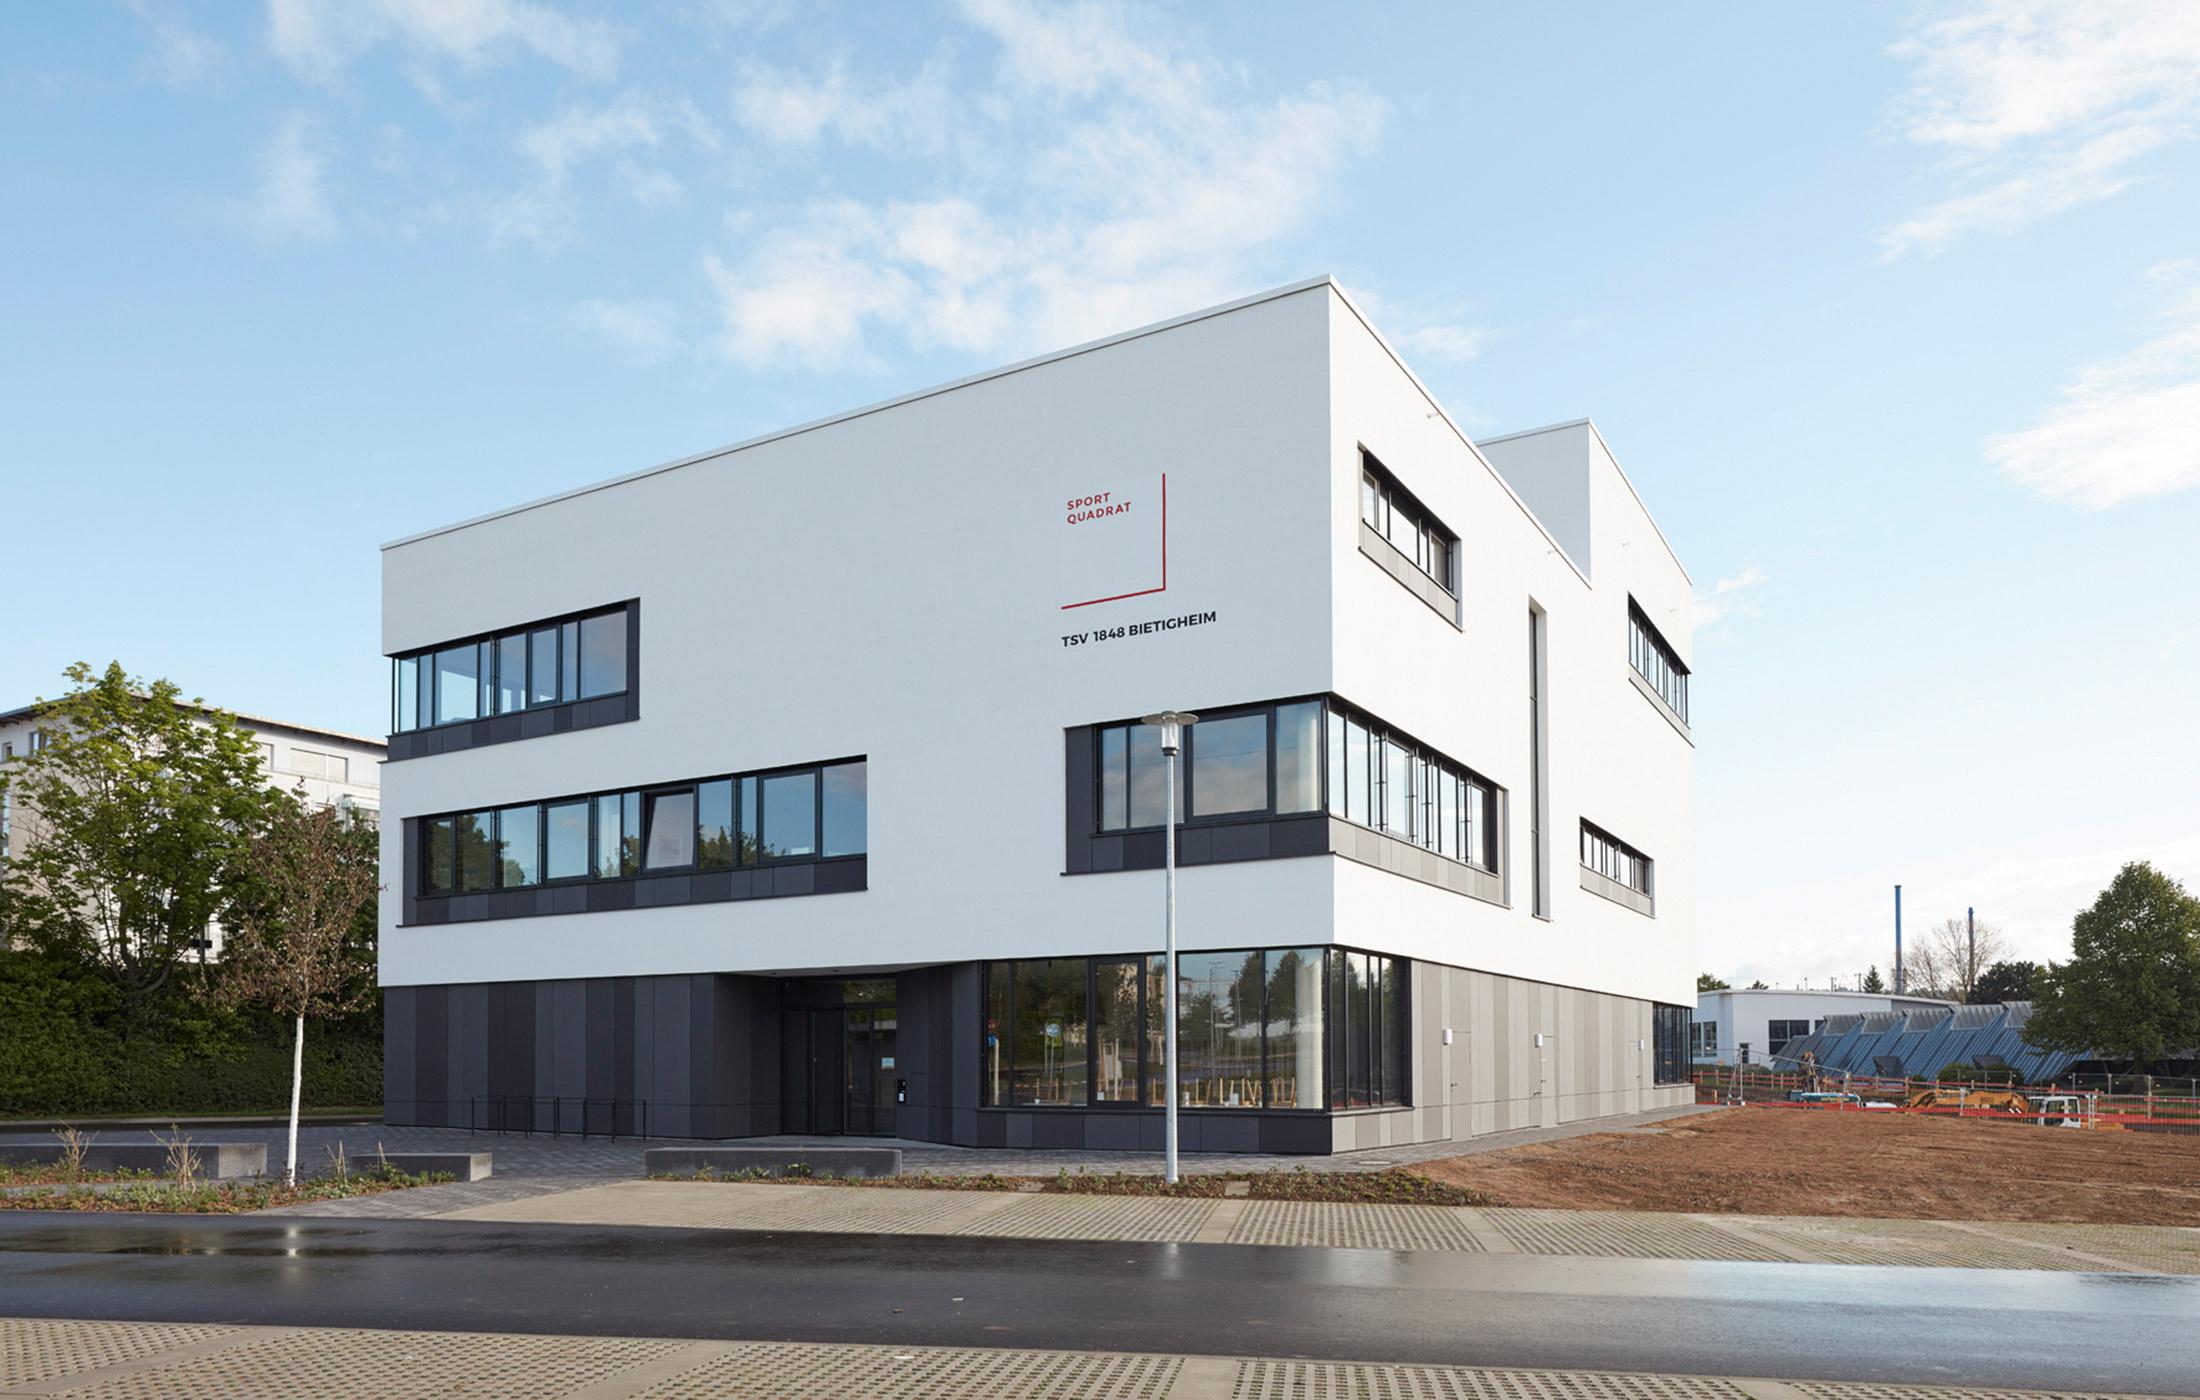 2017, Neubau Sportvereinszentrum Bietigheim